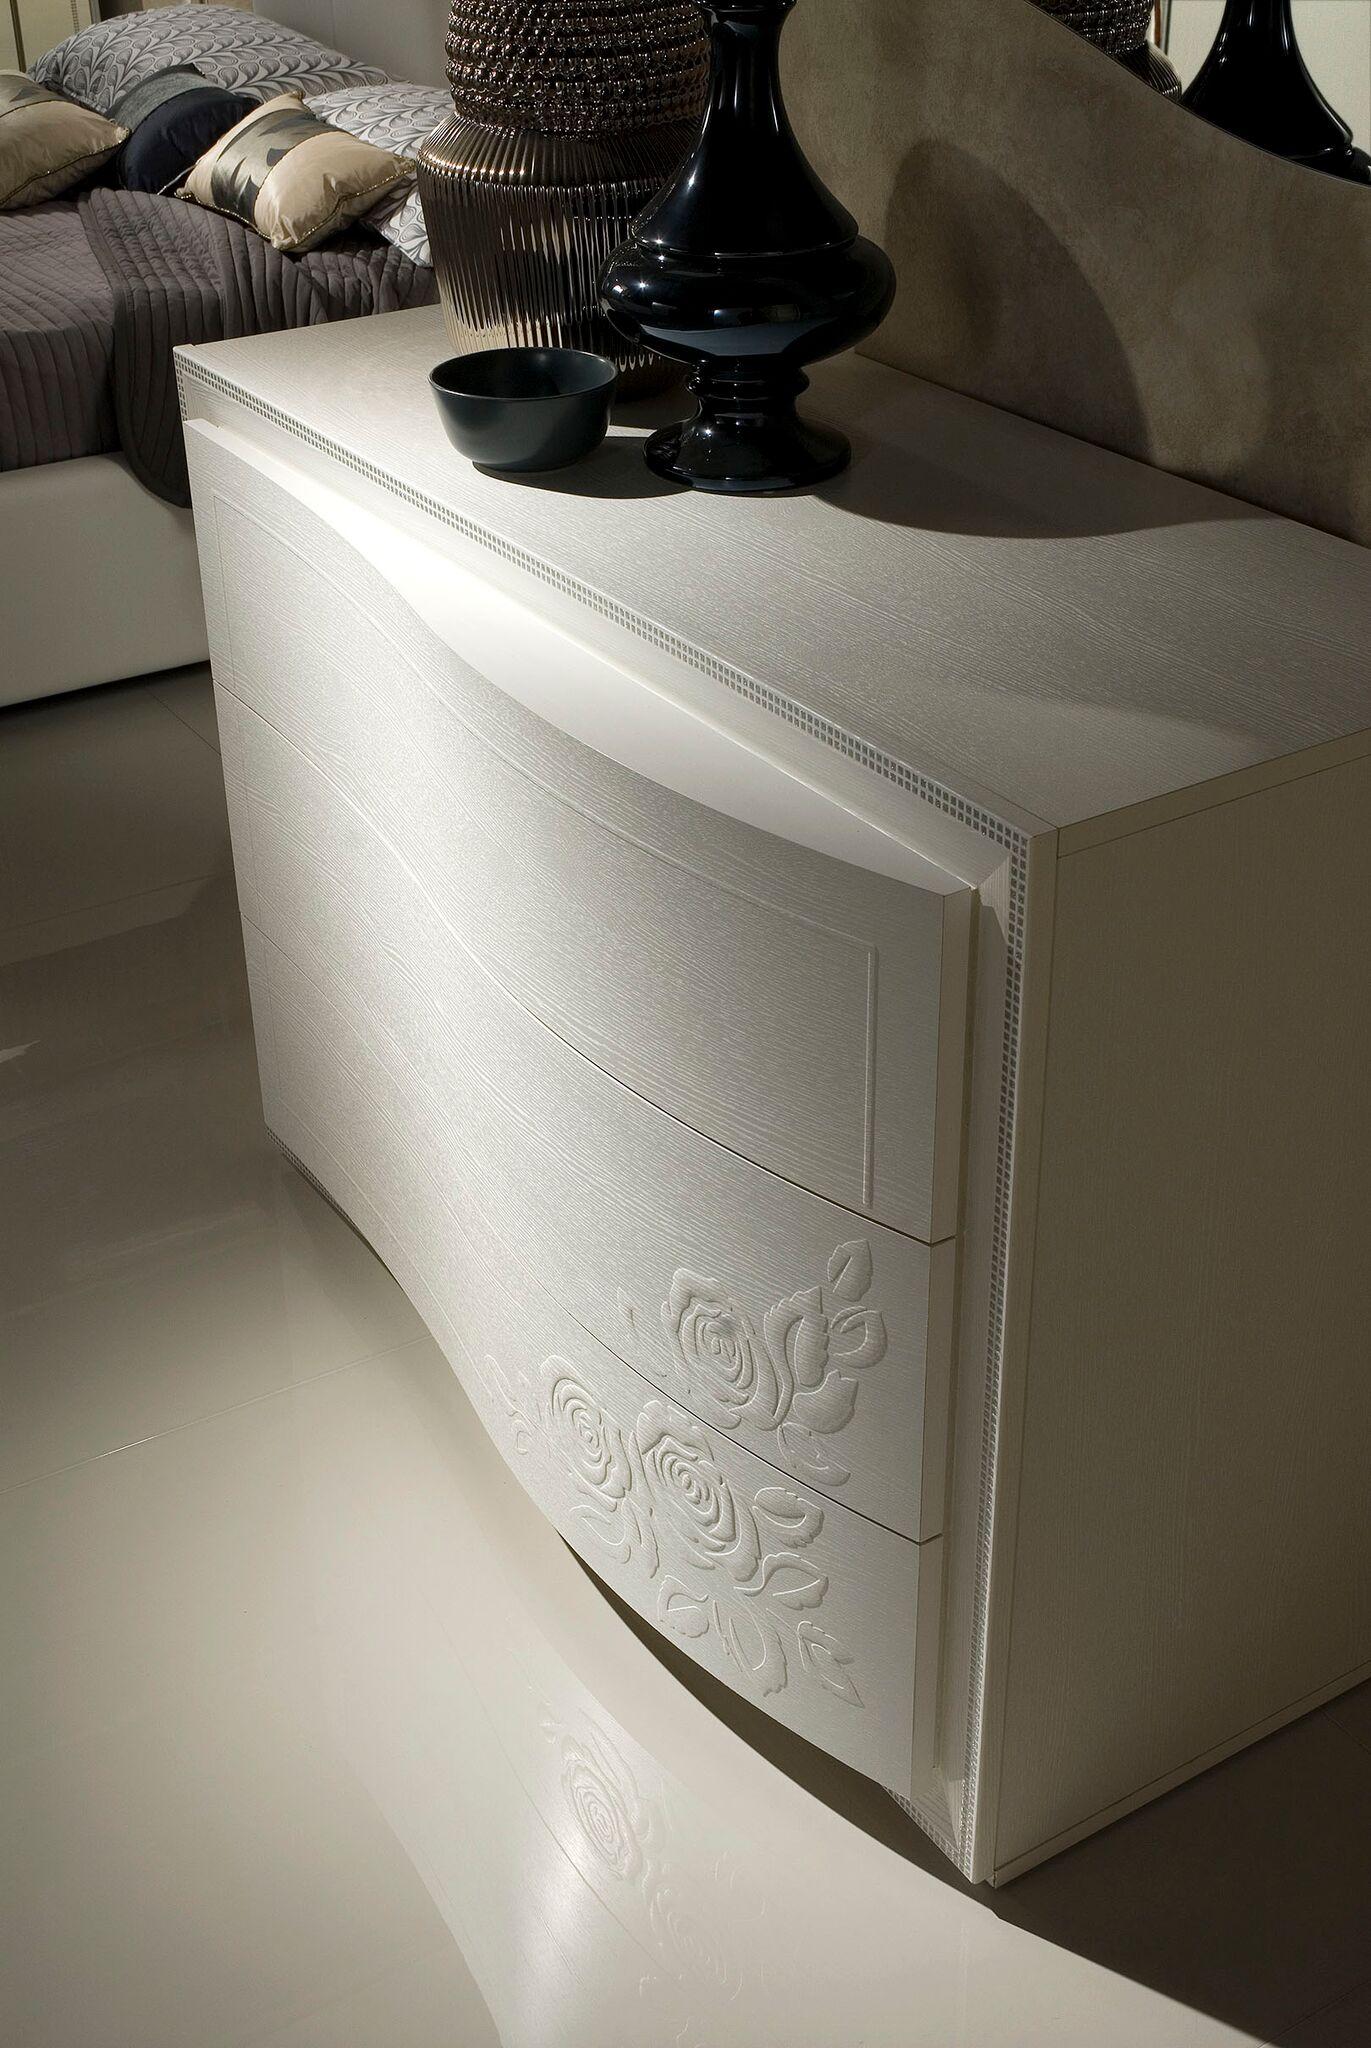 schlafzimmer set canel in wei modern design 180x200 cm. Black Bedroom Furniture Sets. Home Design Ideas